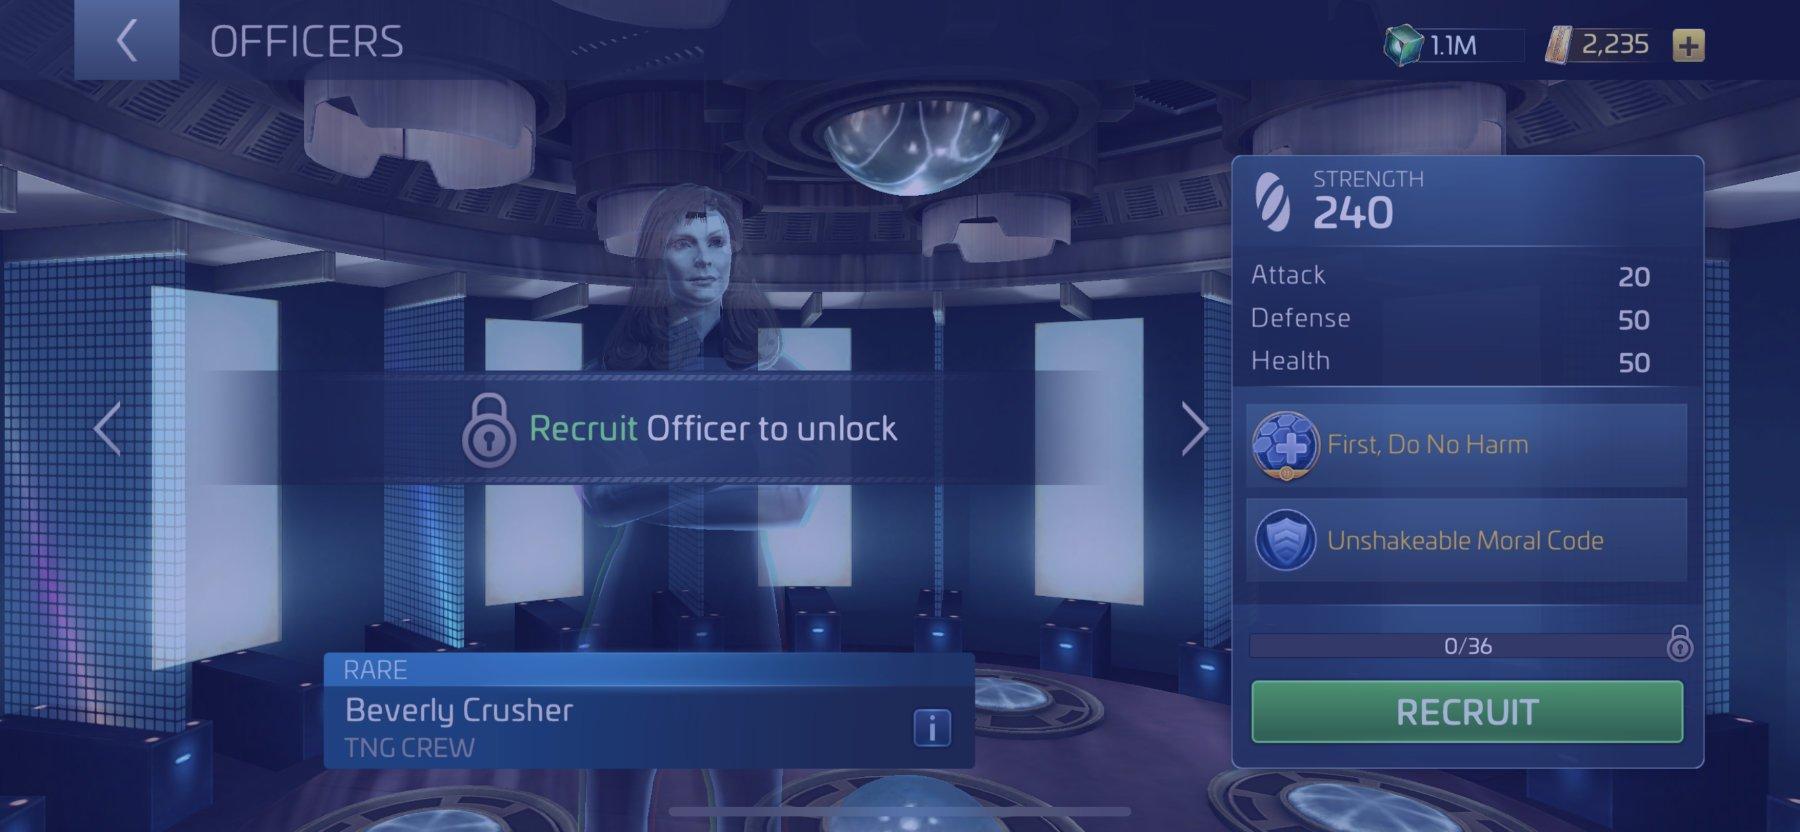 Officer Beverly Crusher